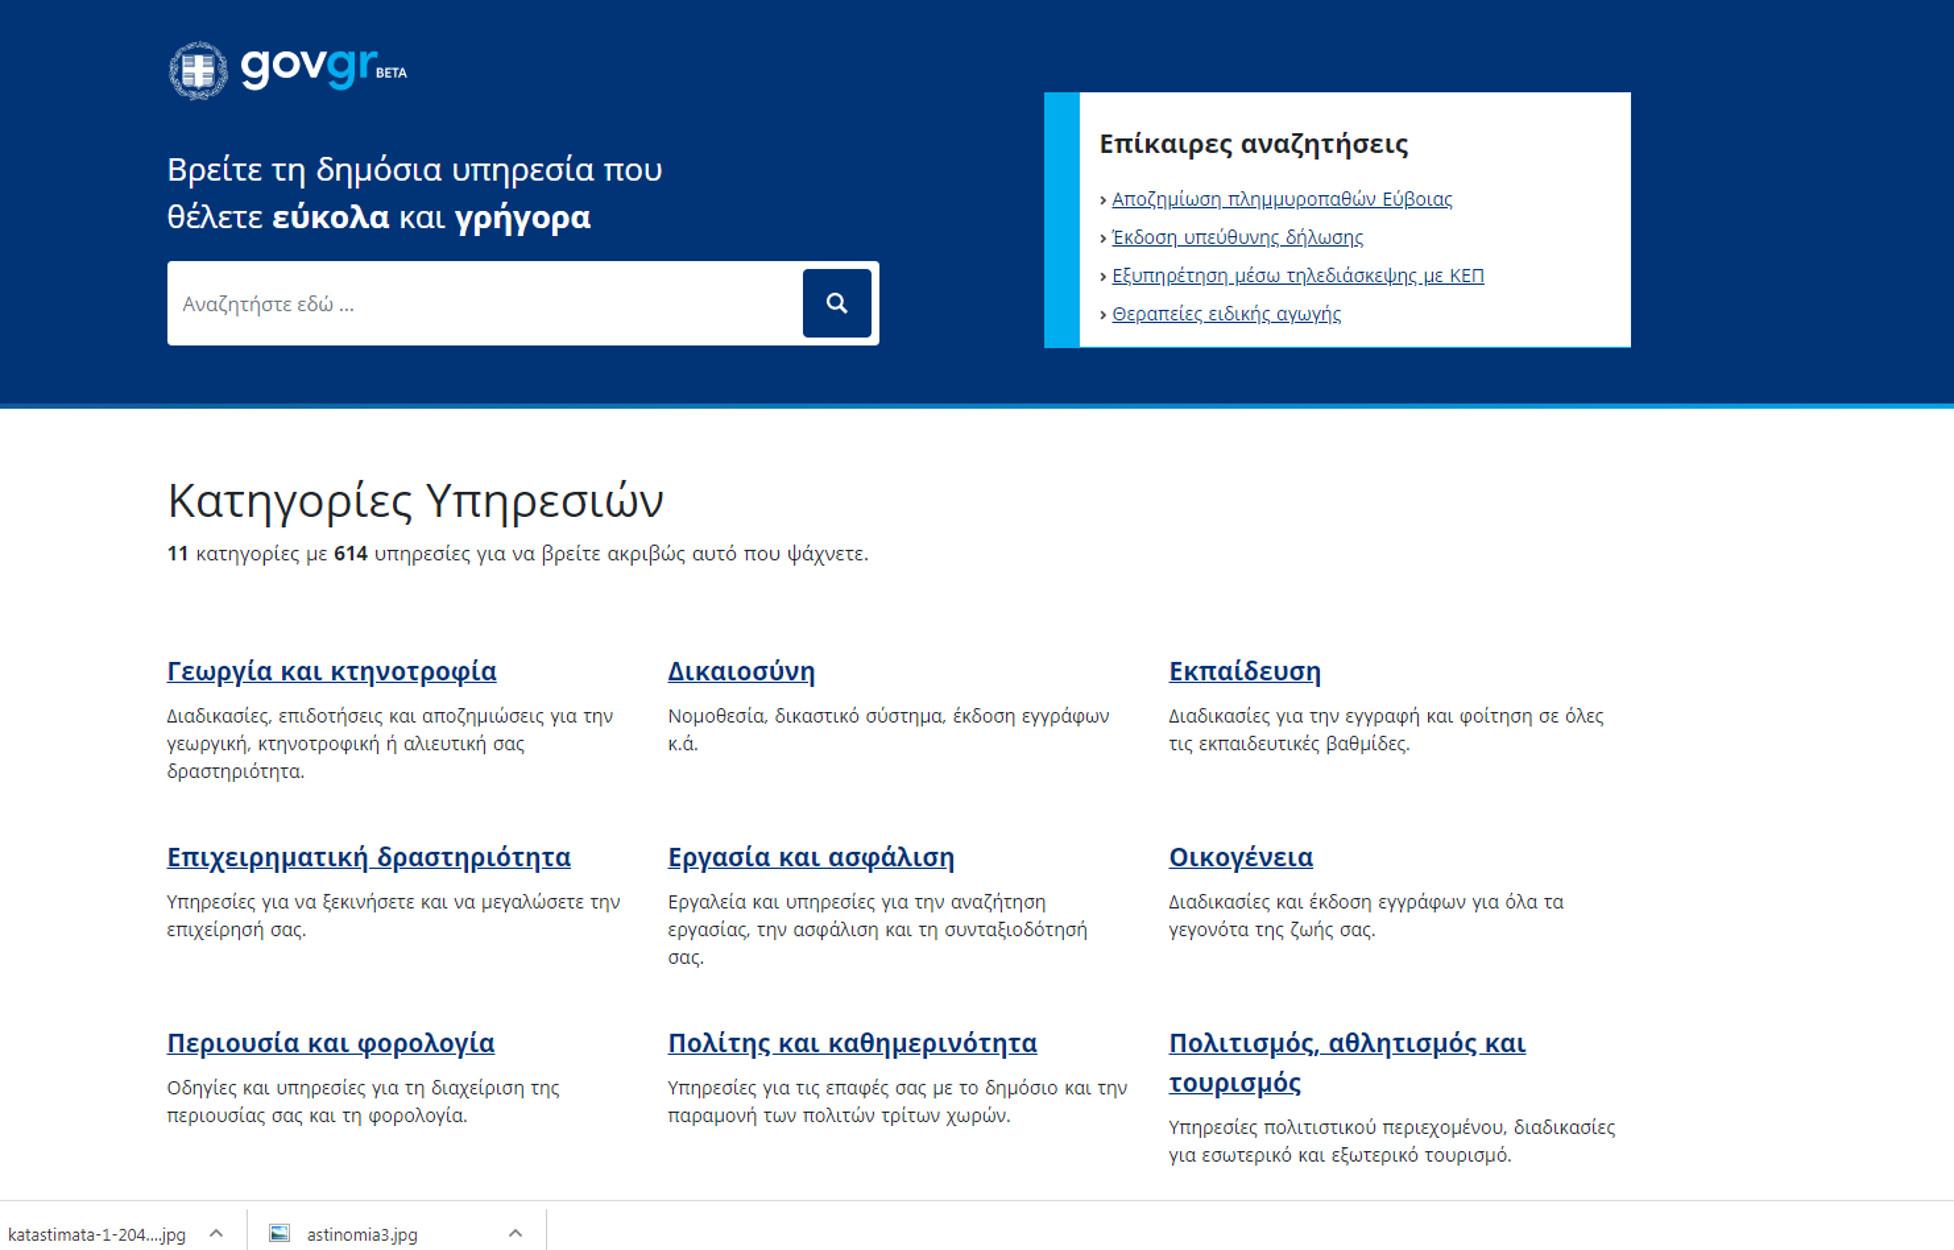 Αστυνομική ταυτότητα: Hλεκτρονικά η δήλωση απώλειας μέσω του gov.gr